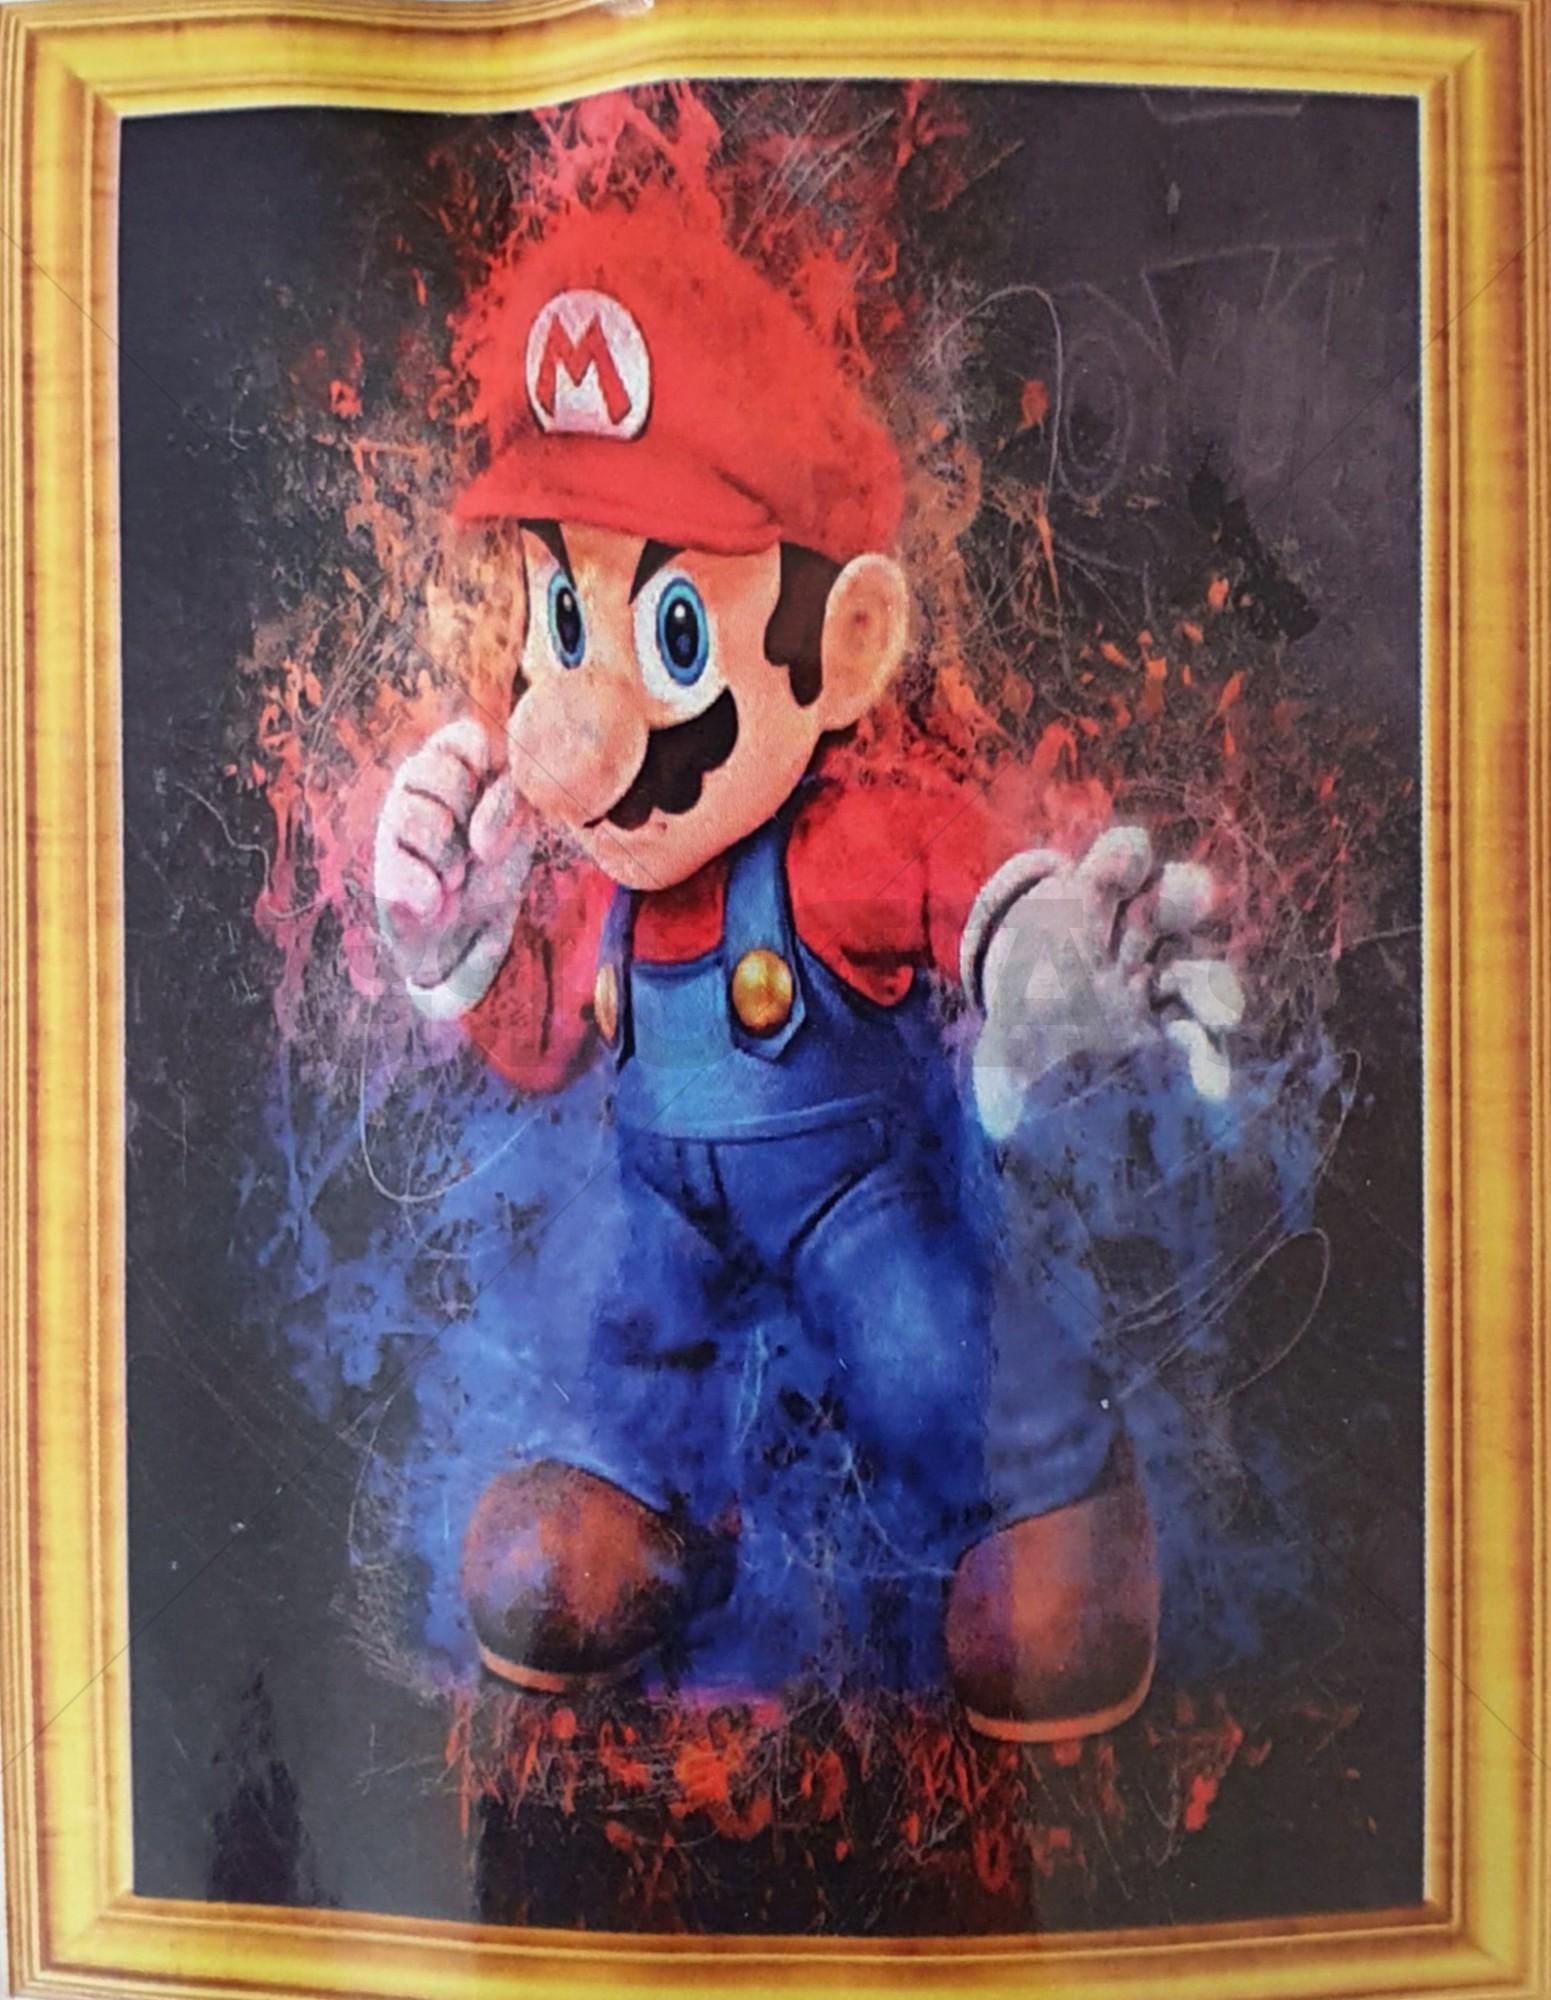 Diamond Painting Mario 30 x 40 cm